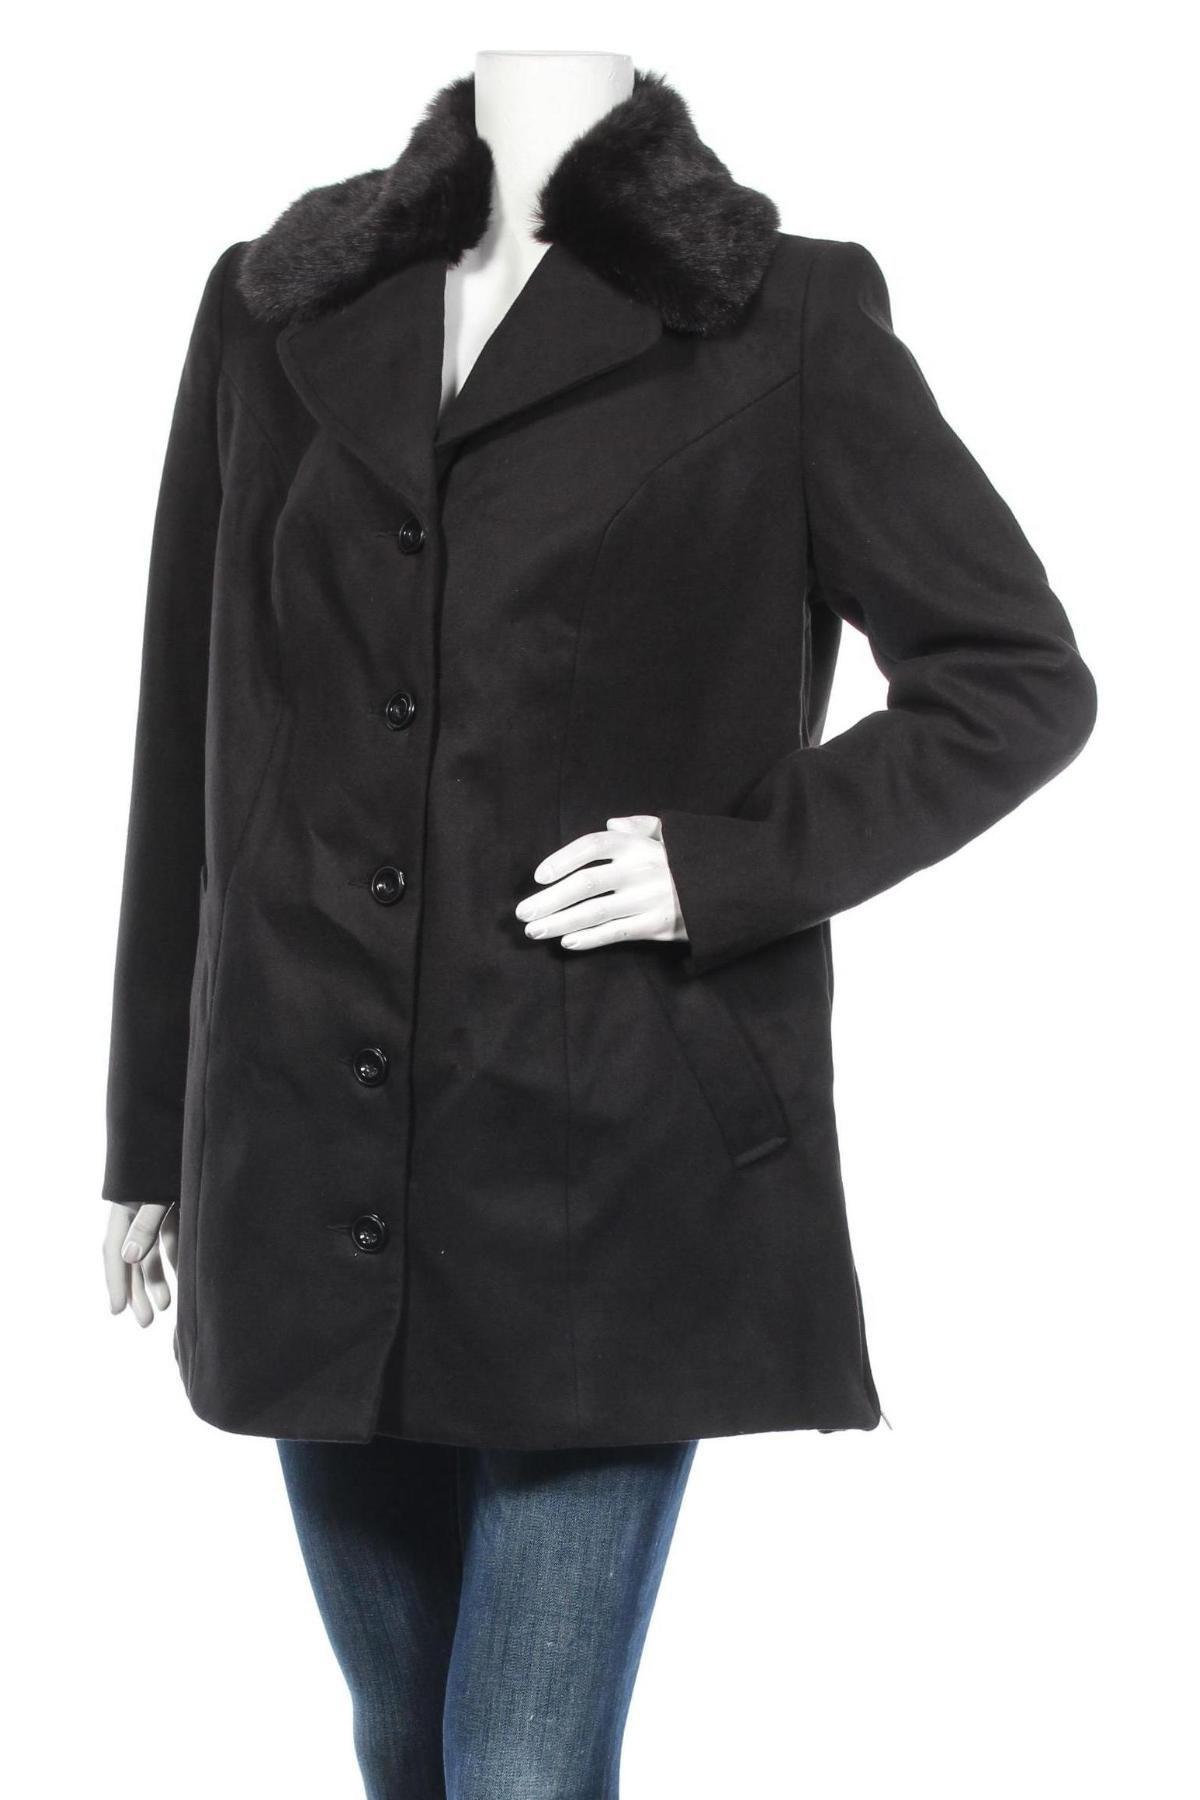 Дамско палто Bpc Bonprix Collection, Размер XXL, Цвят Черен, 88% полиестер, 10% вискоза, 2% еластан, Цена 45,14лв.